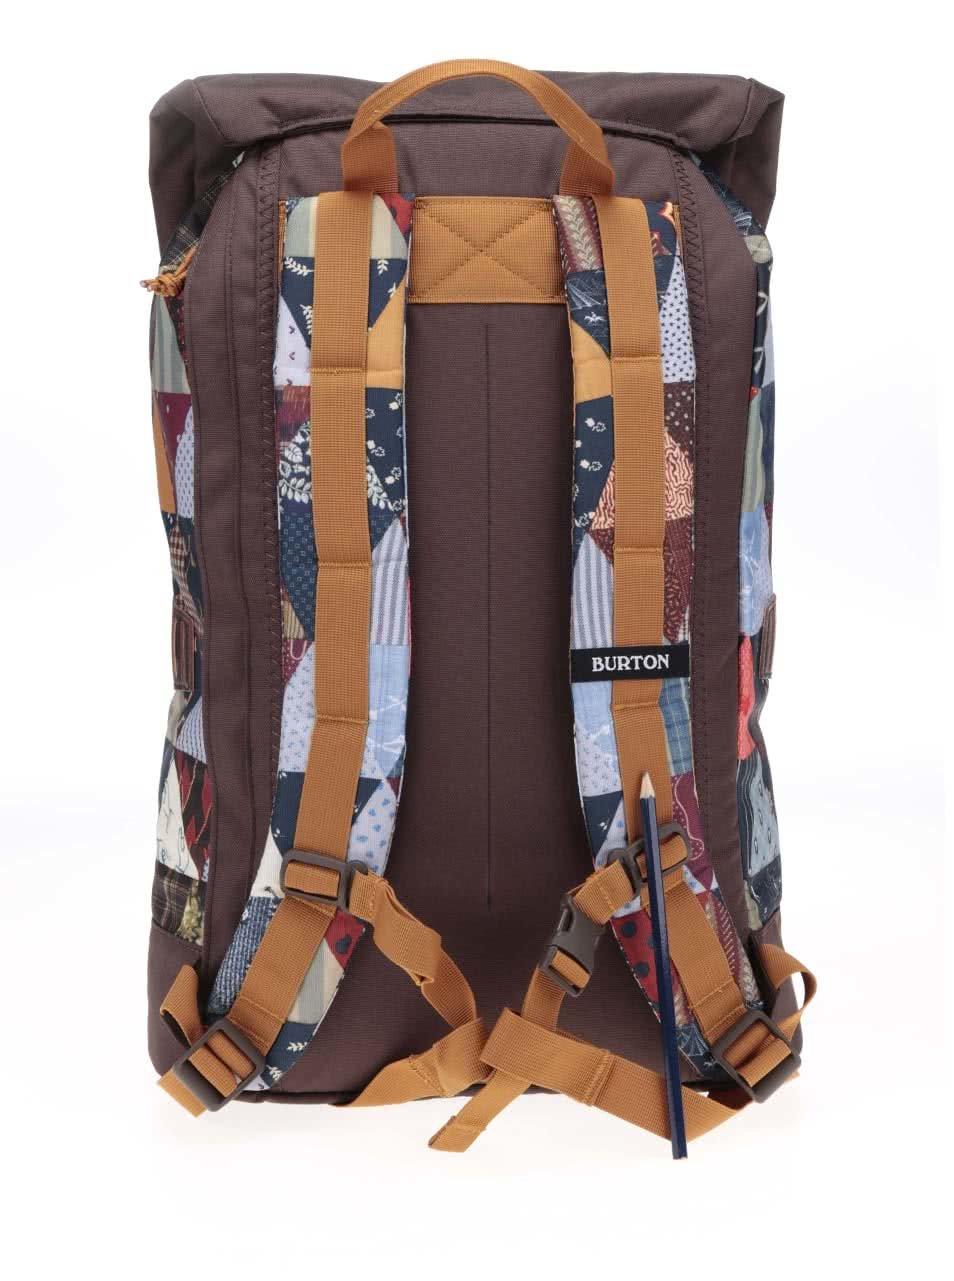 da3c484838 Hnědý unisex batoh s barevným optickým vzorem Burton Tinder ...